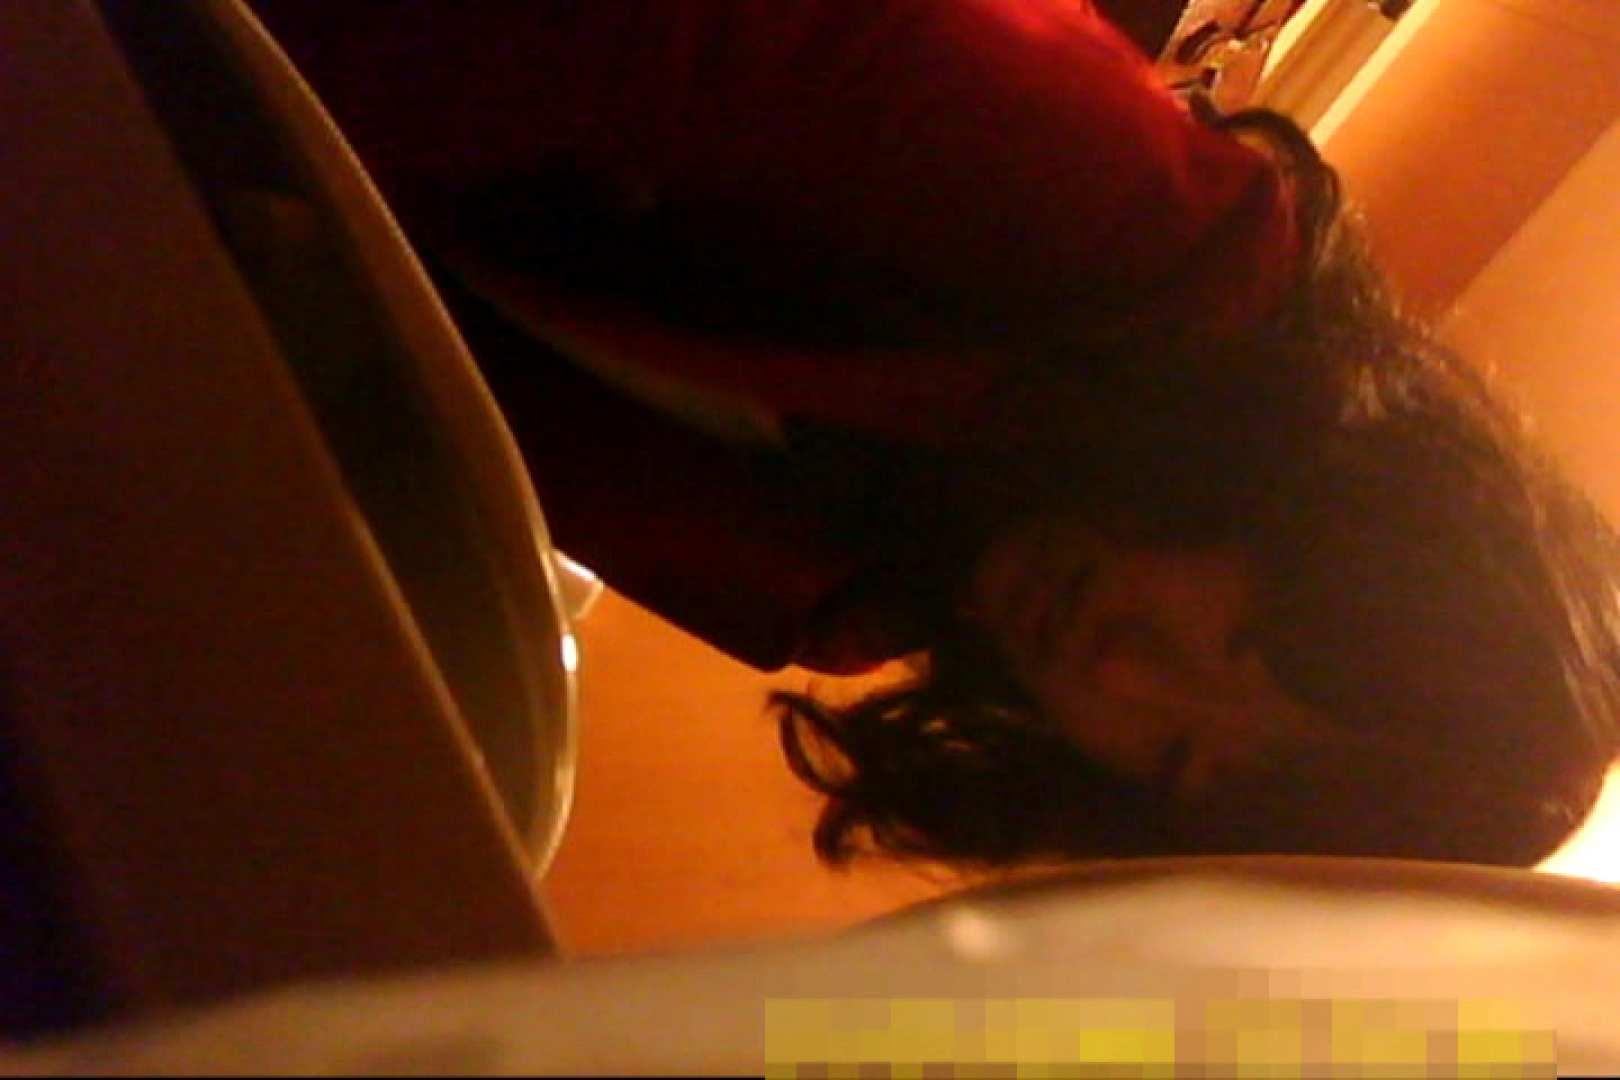 魅惑の化粧室~禁断のプライベート空間~vol.6 お姉さん  81pic 57